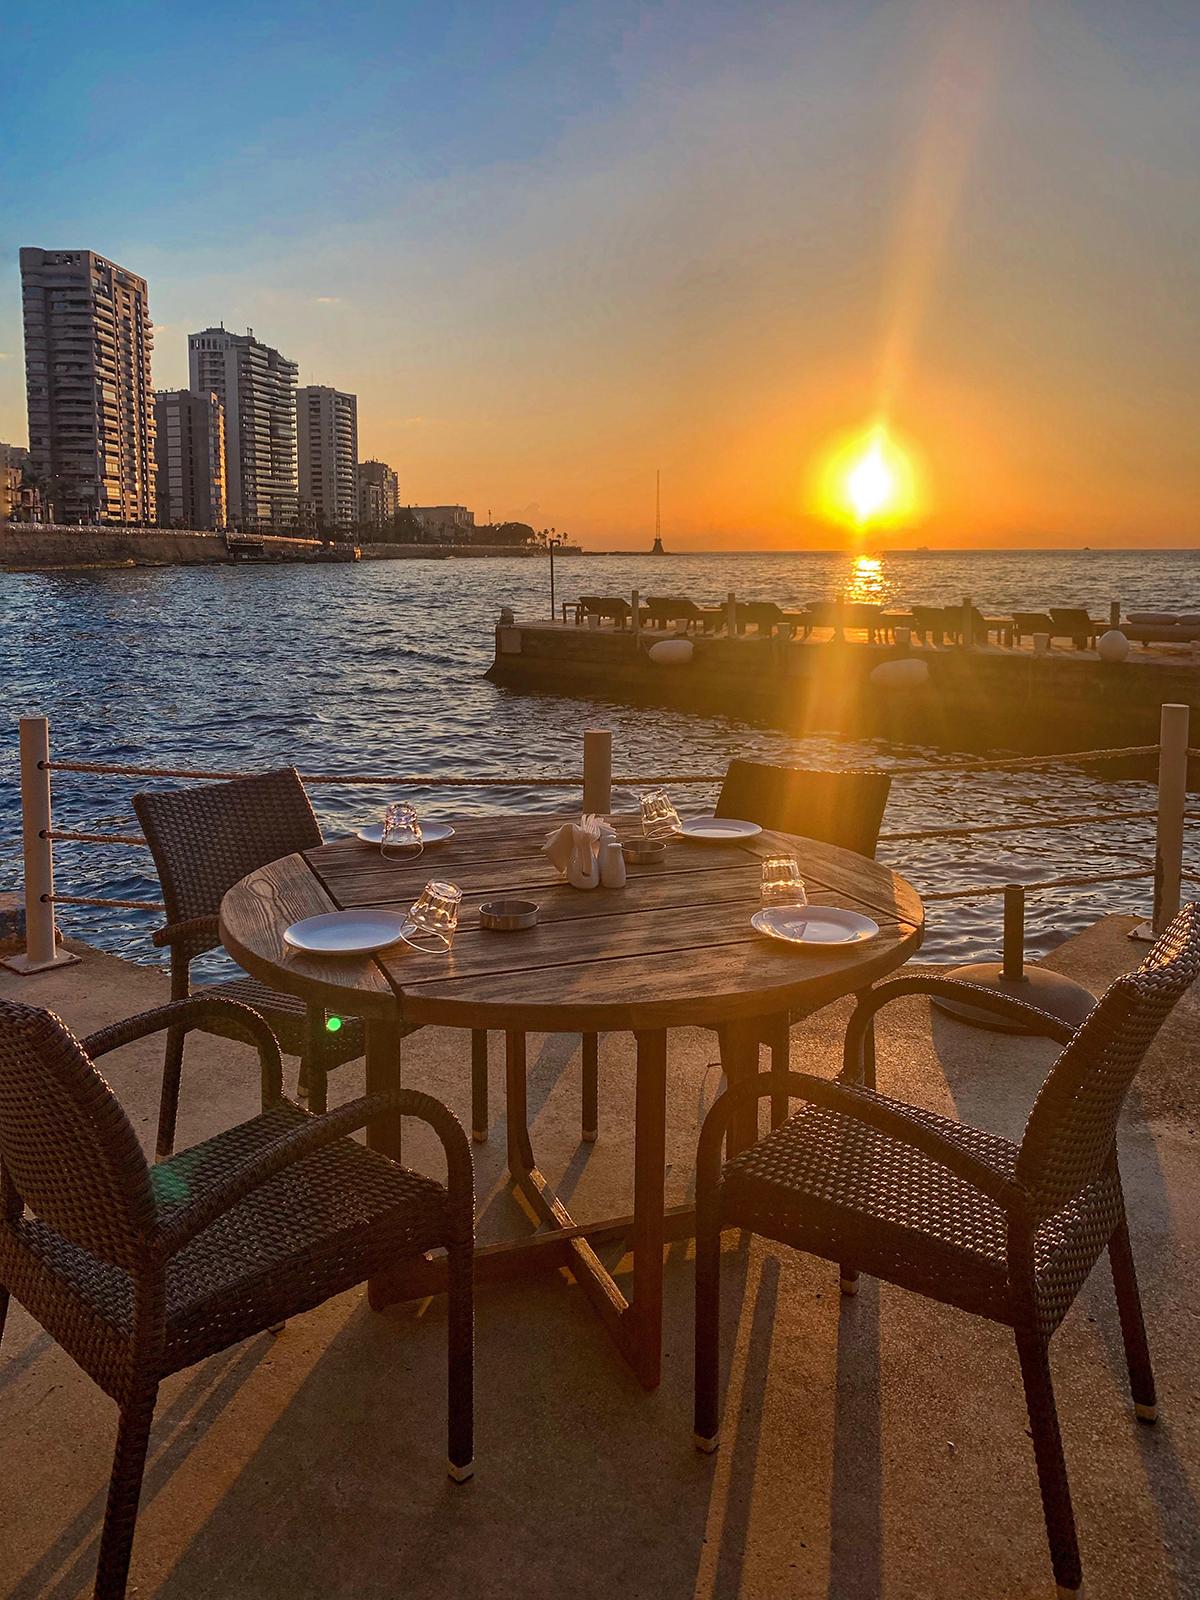 beirut-sunset-shots-lebanon-traveler